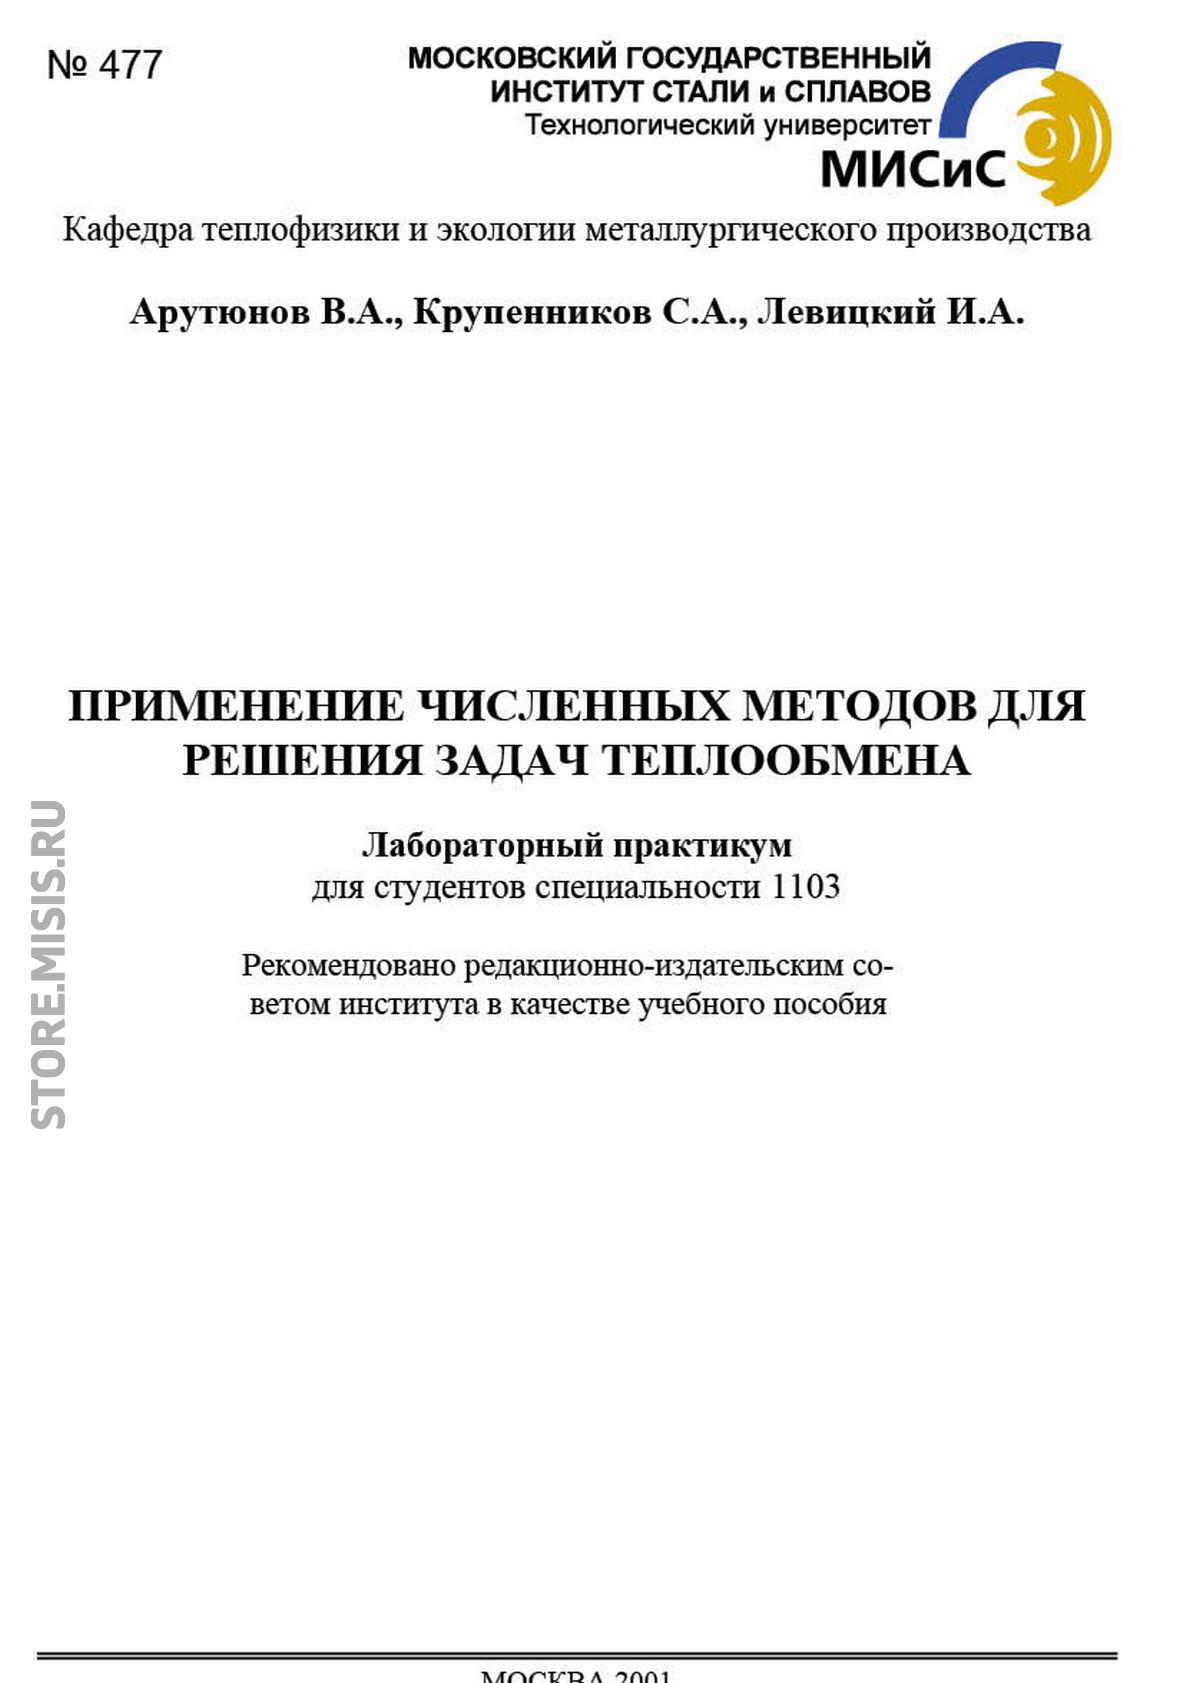 Владимир Арутюнов Применение численных методов для решения задач теплообмена